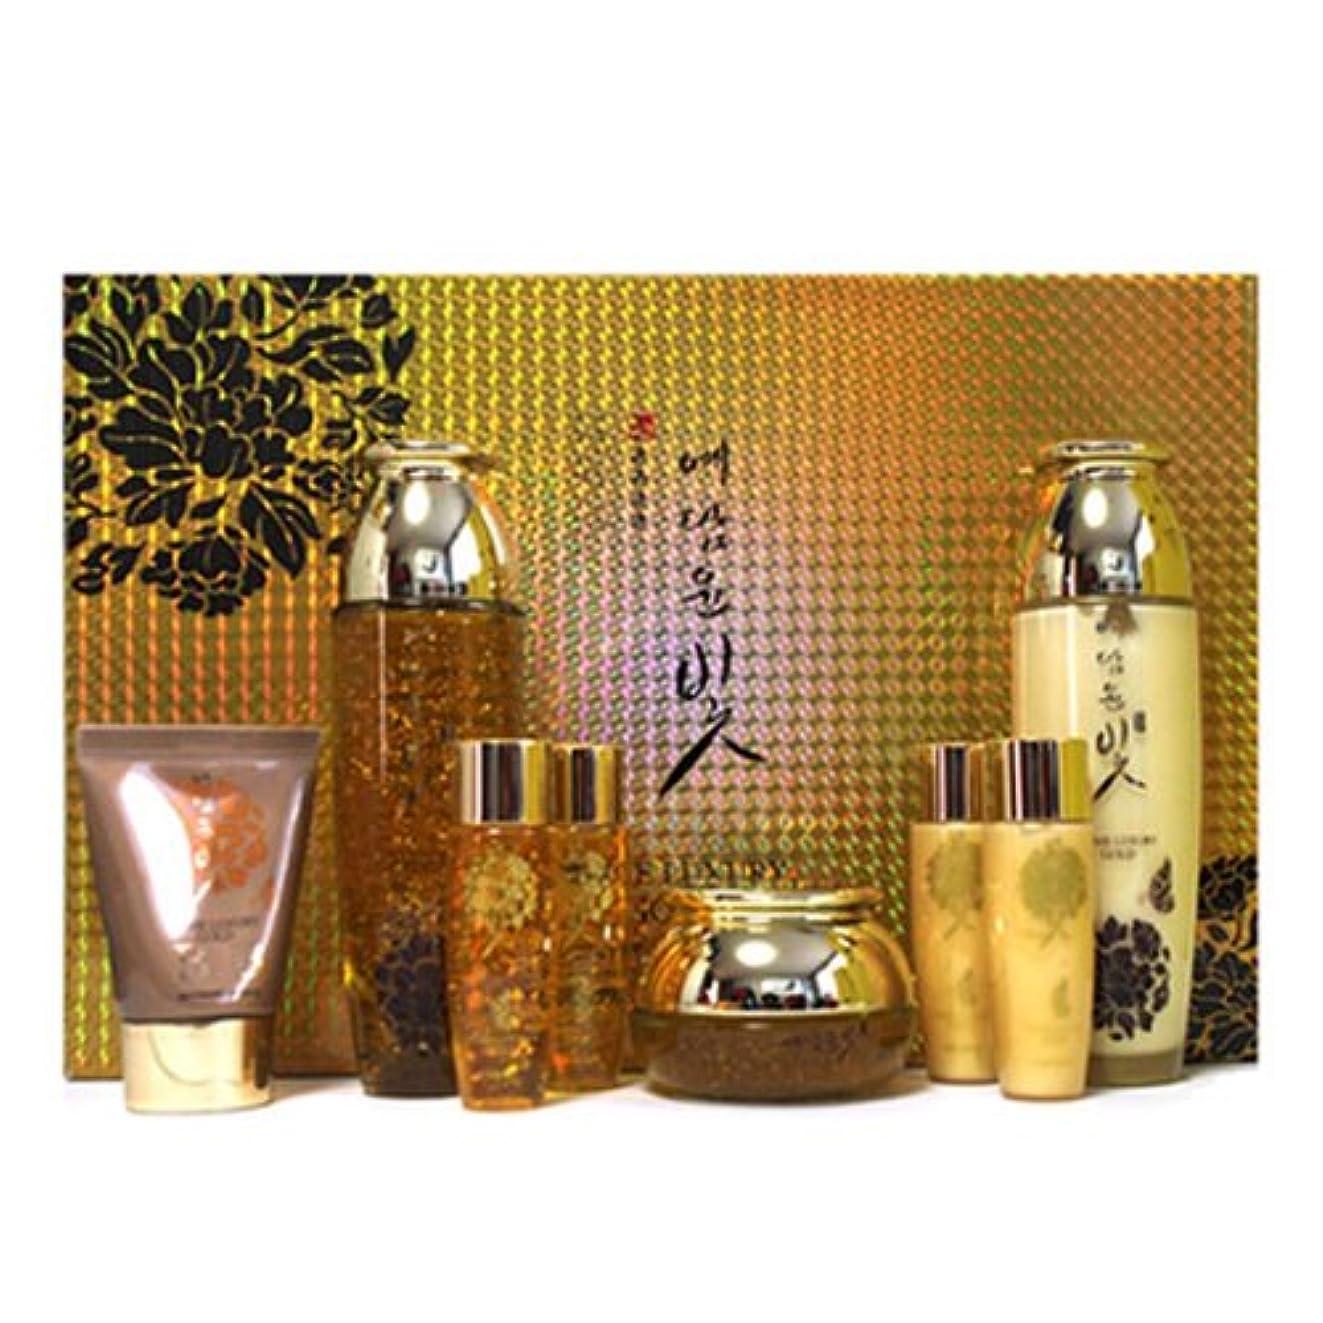 郵便番号節約する大腿イェダムユンビト[韓国コスメYedam Yun Bit]Prime Luxury Gold Skin Care Set プライムラグジュアリーゴールドスキンケア4セット 樹液 乳液 クリーム/ BBクリーム [並行輸入品]